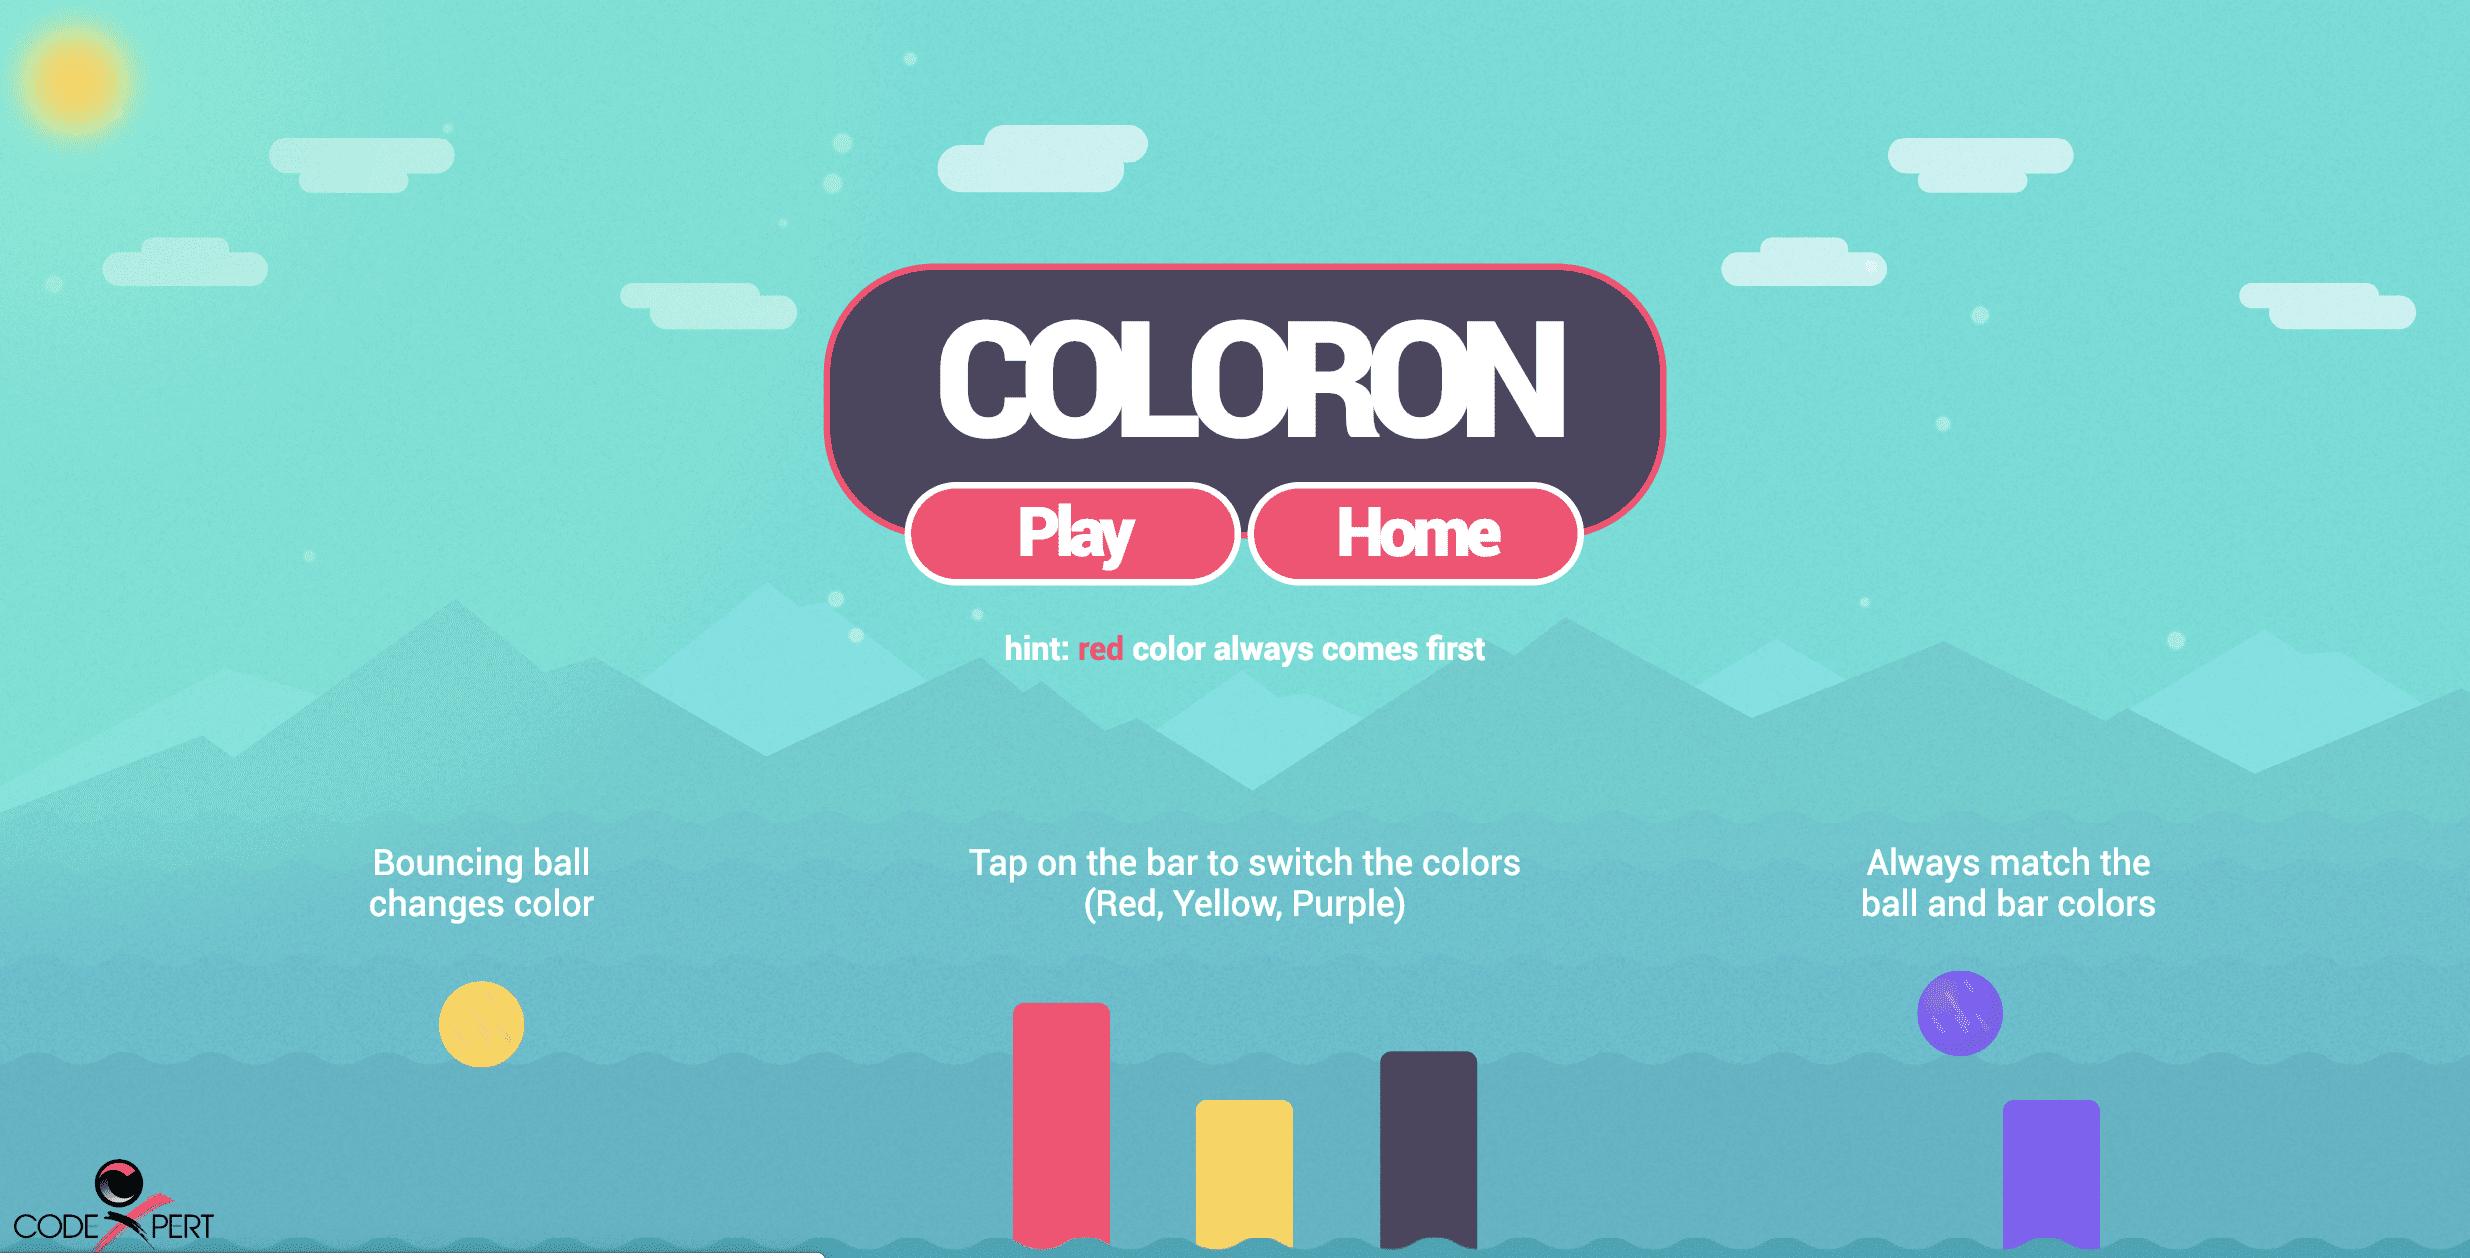 Coloron Dappcom Where The Blockchain Comes Alive